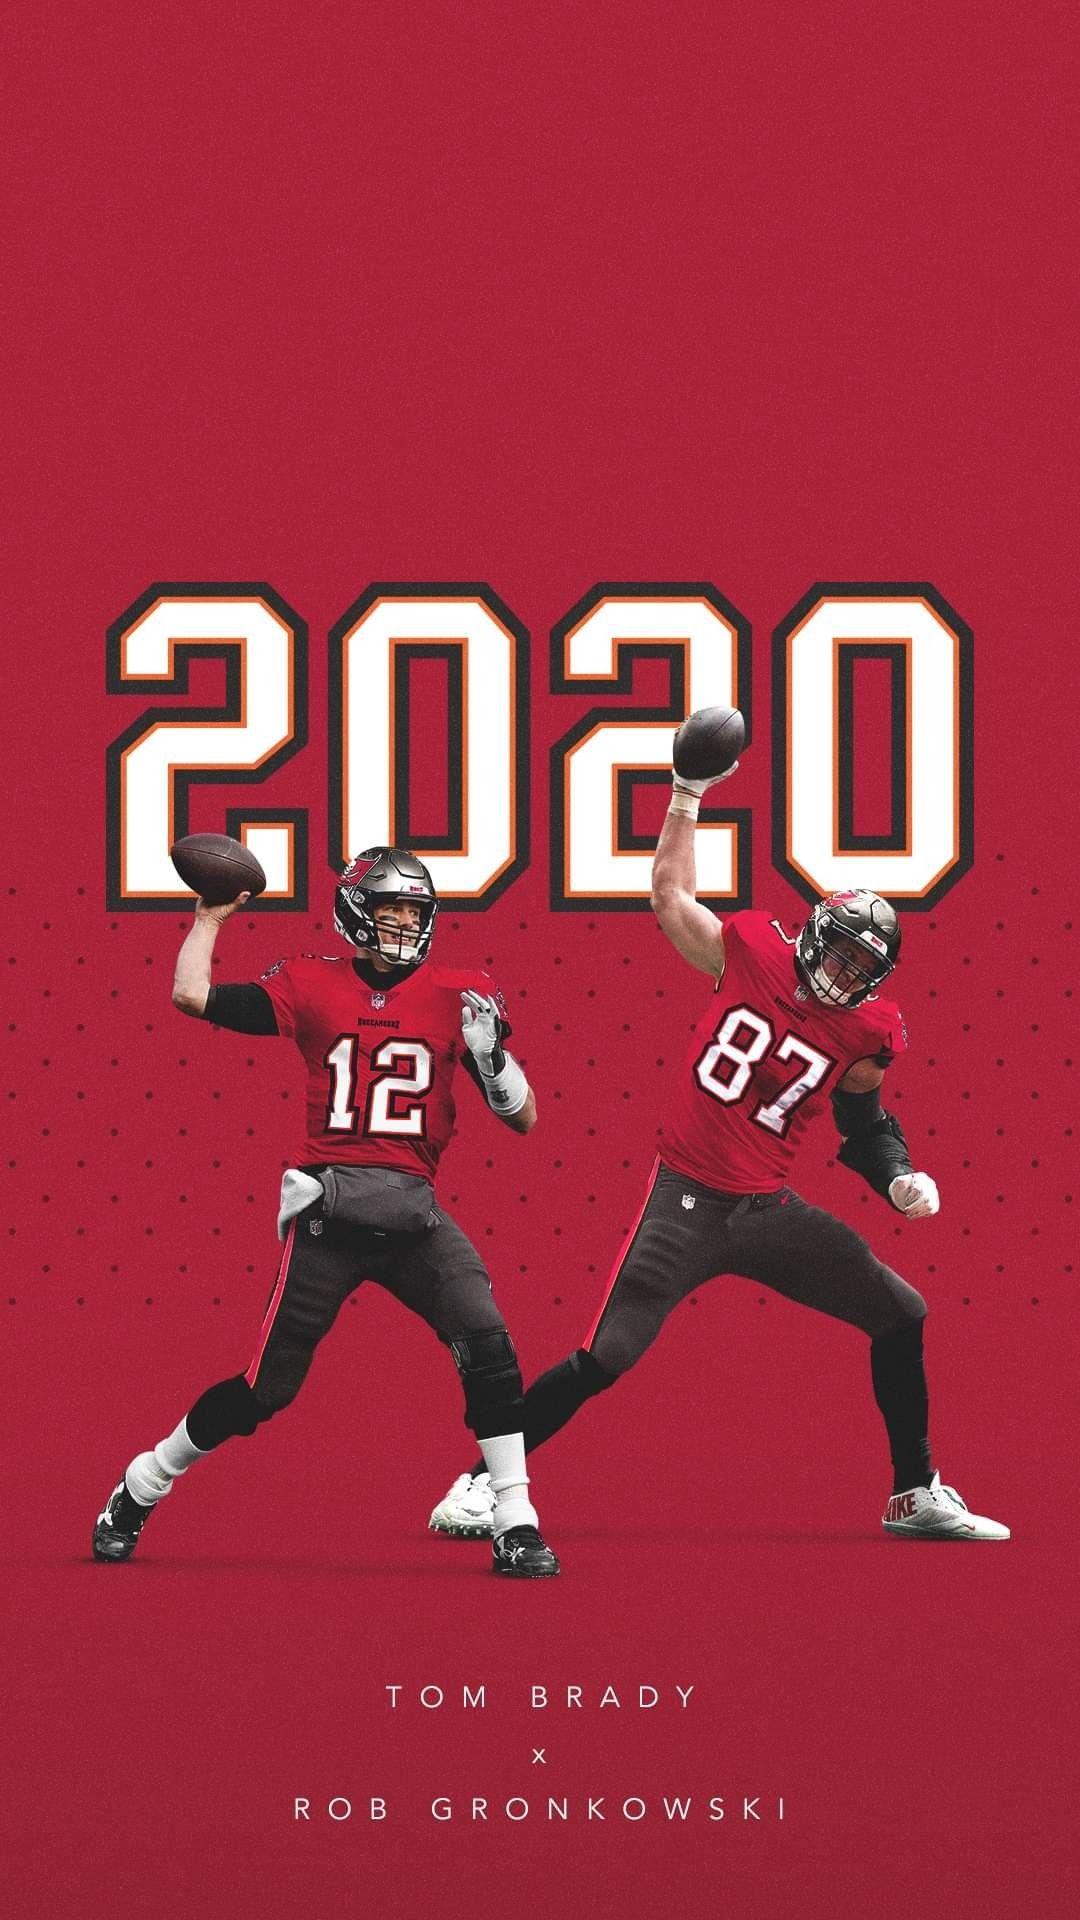 Tom Brady X Gronk 2020 Bucs Nfl Tampabay In 2020 Tom Brady Gronkowski Nfl Football Wallpaper